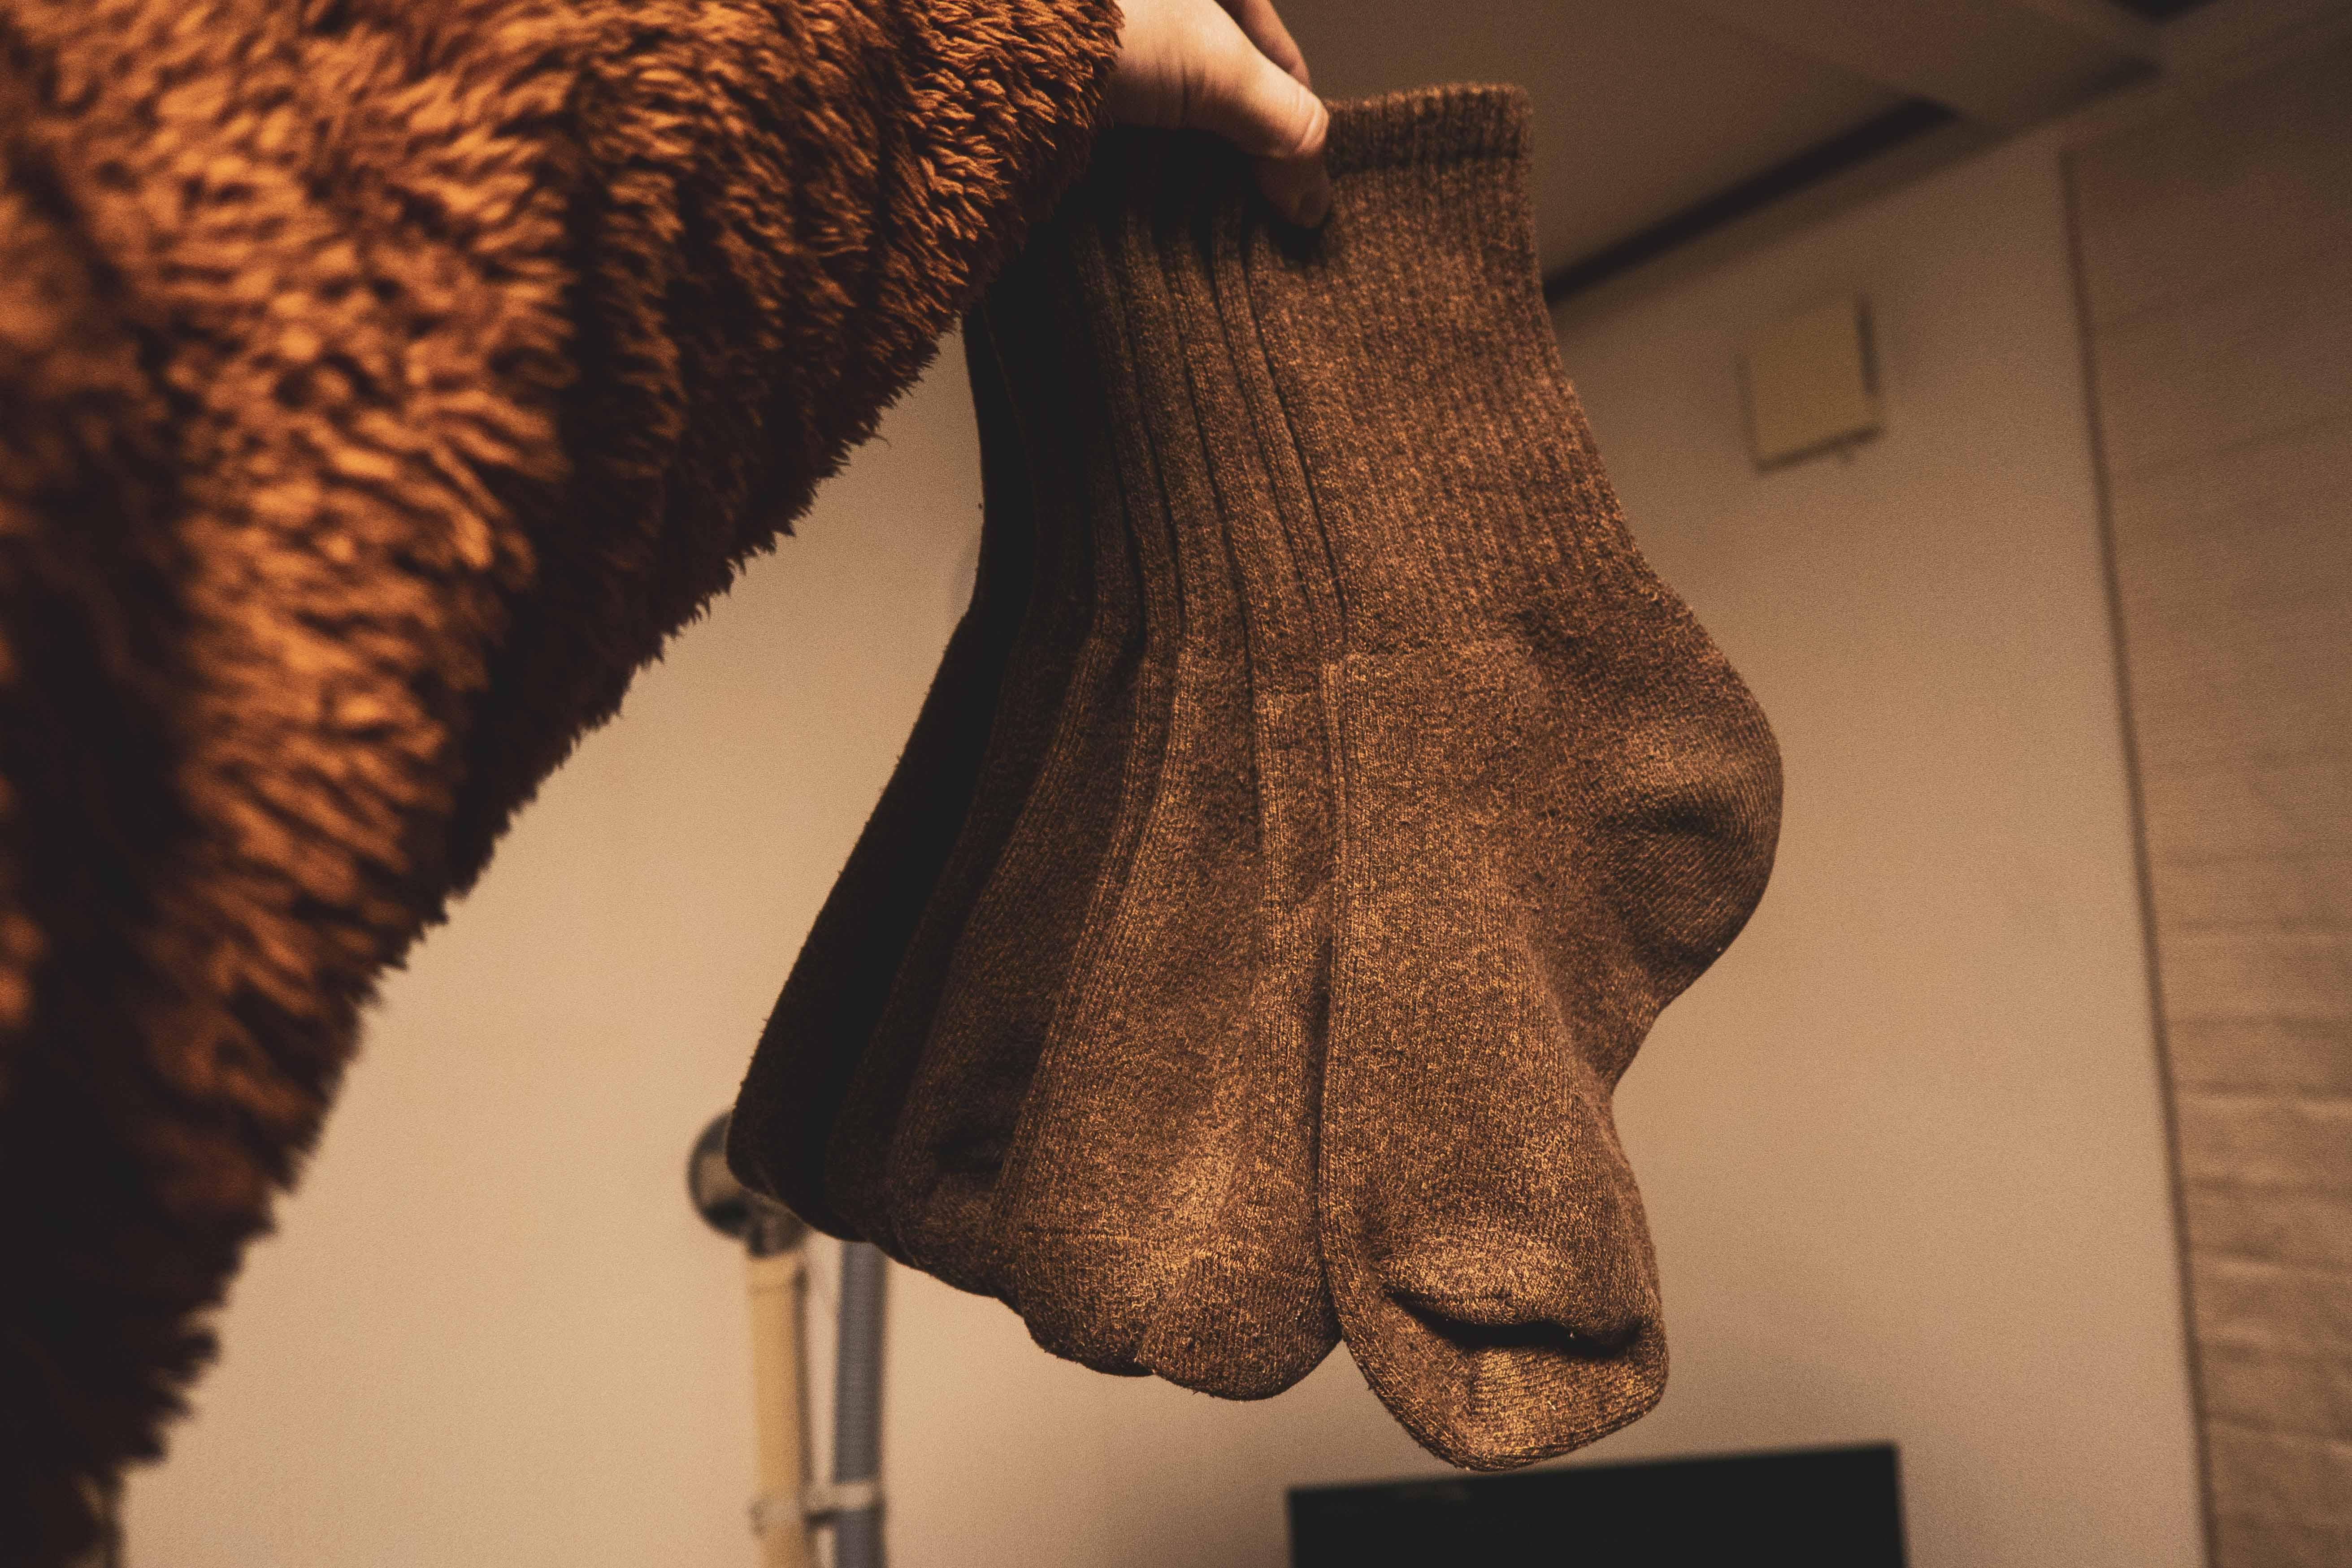 【ユニクロ】オススメ!! この冬毎日履いていた靴下ヒートテックソックス